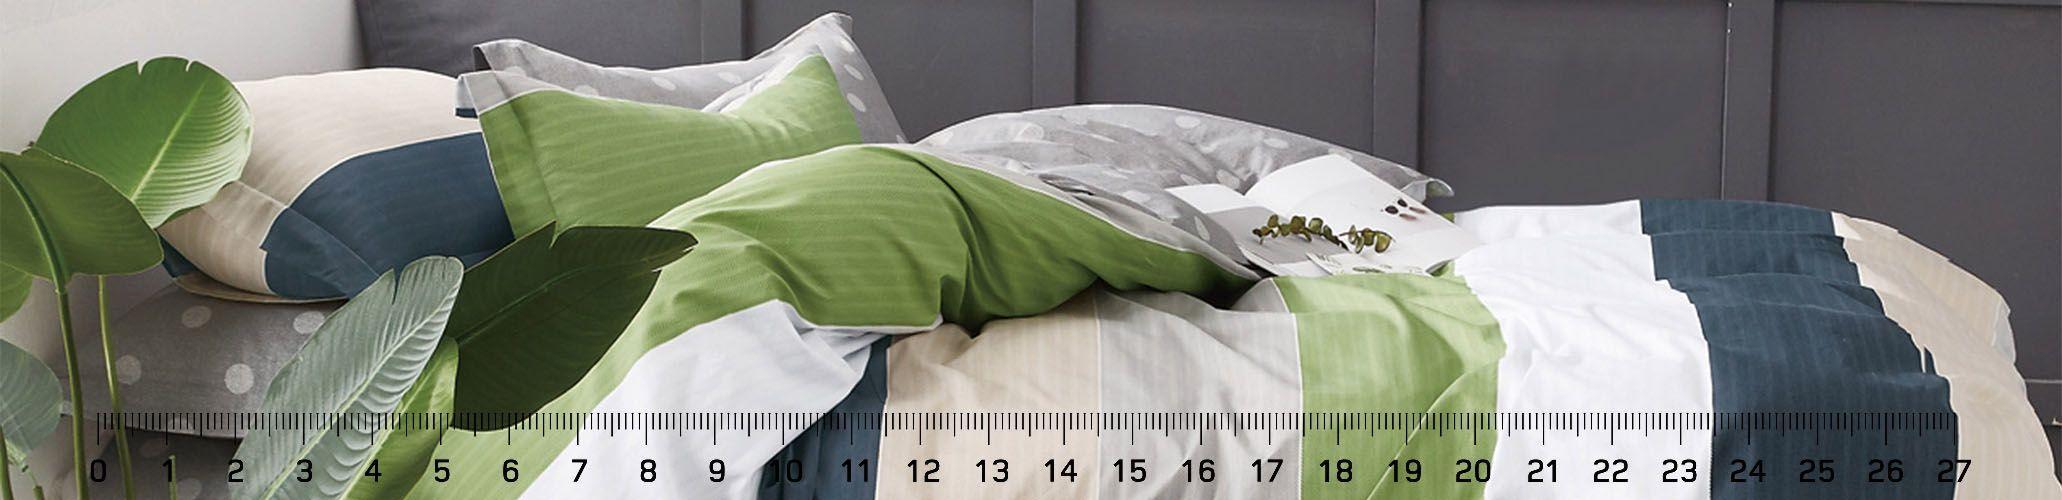 Как выбрать постельное белье по размеру?